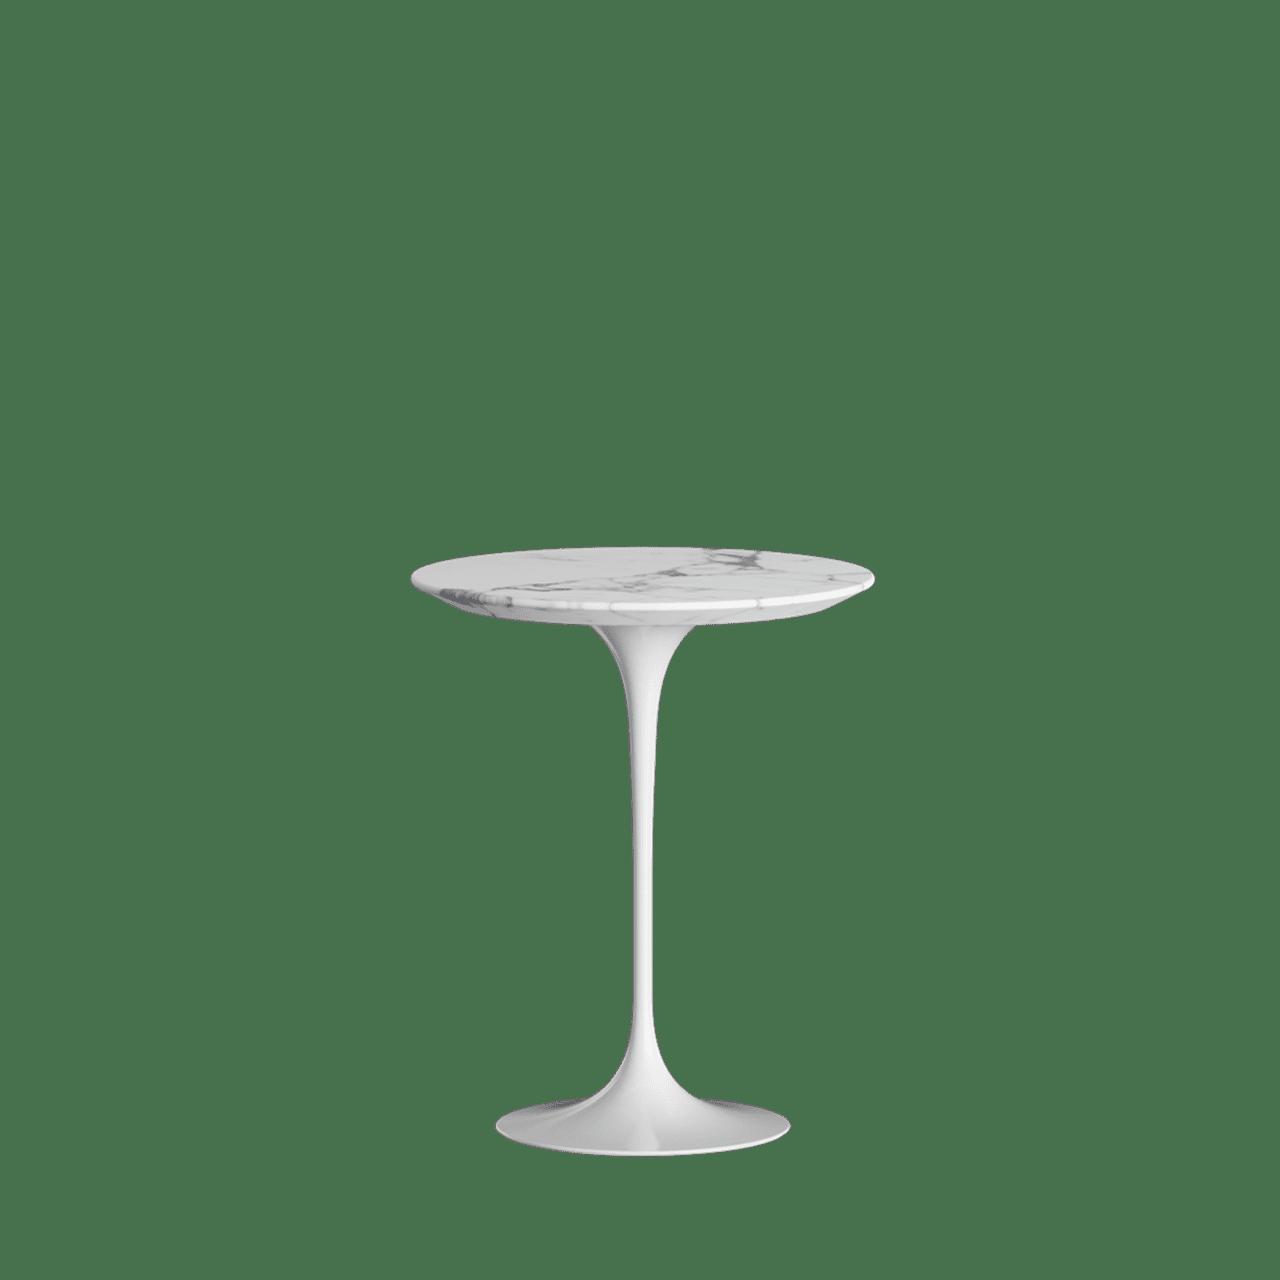 Saarinen Beistelltisch rund